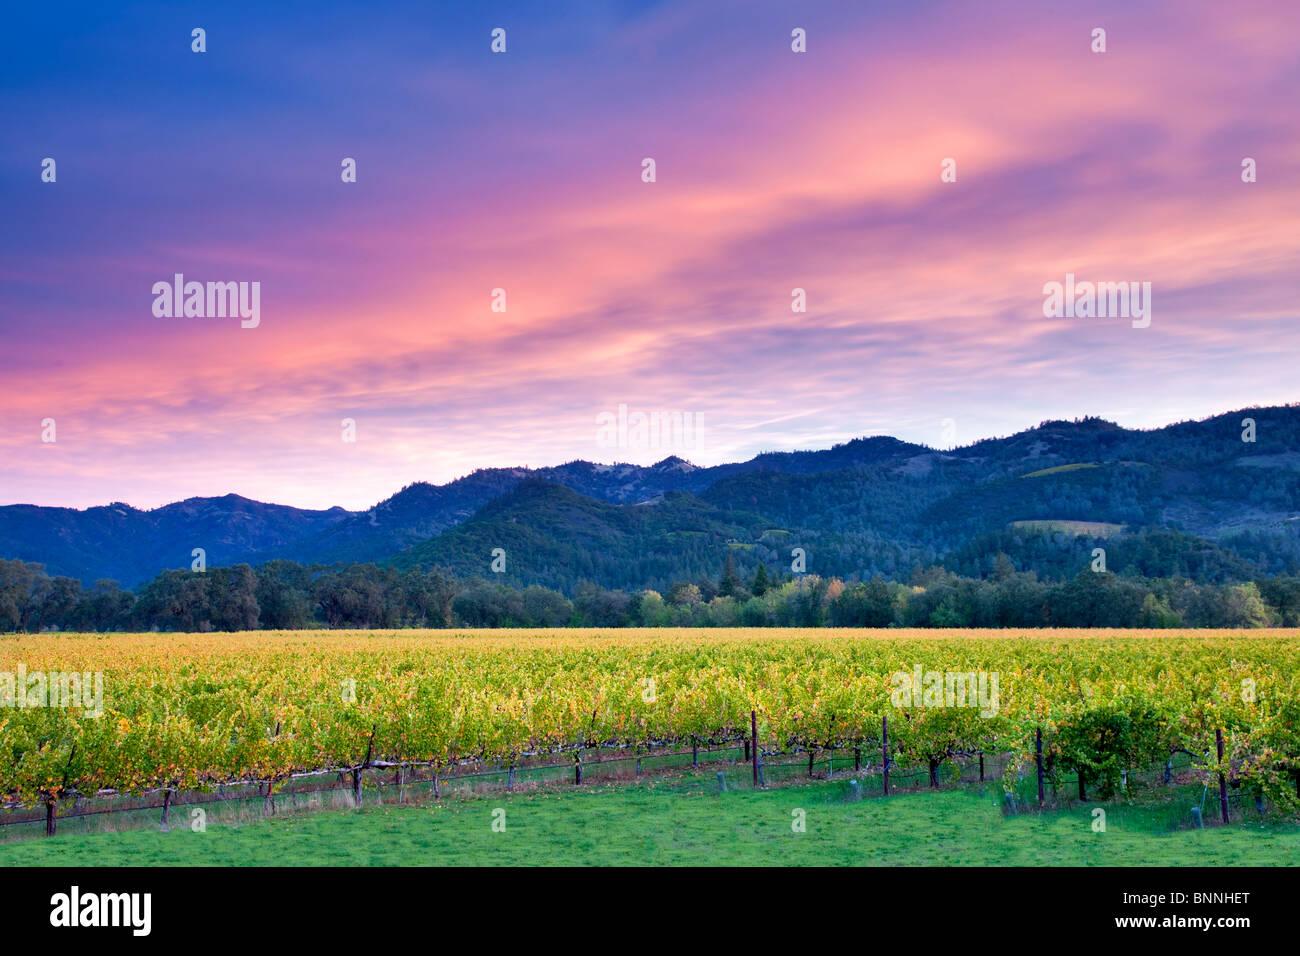 Sonnenaufgang über dem Napa Valley Weinberg mit Herbstfarben. CaliforniaStockfoto